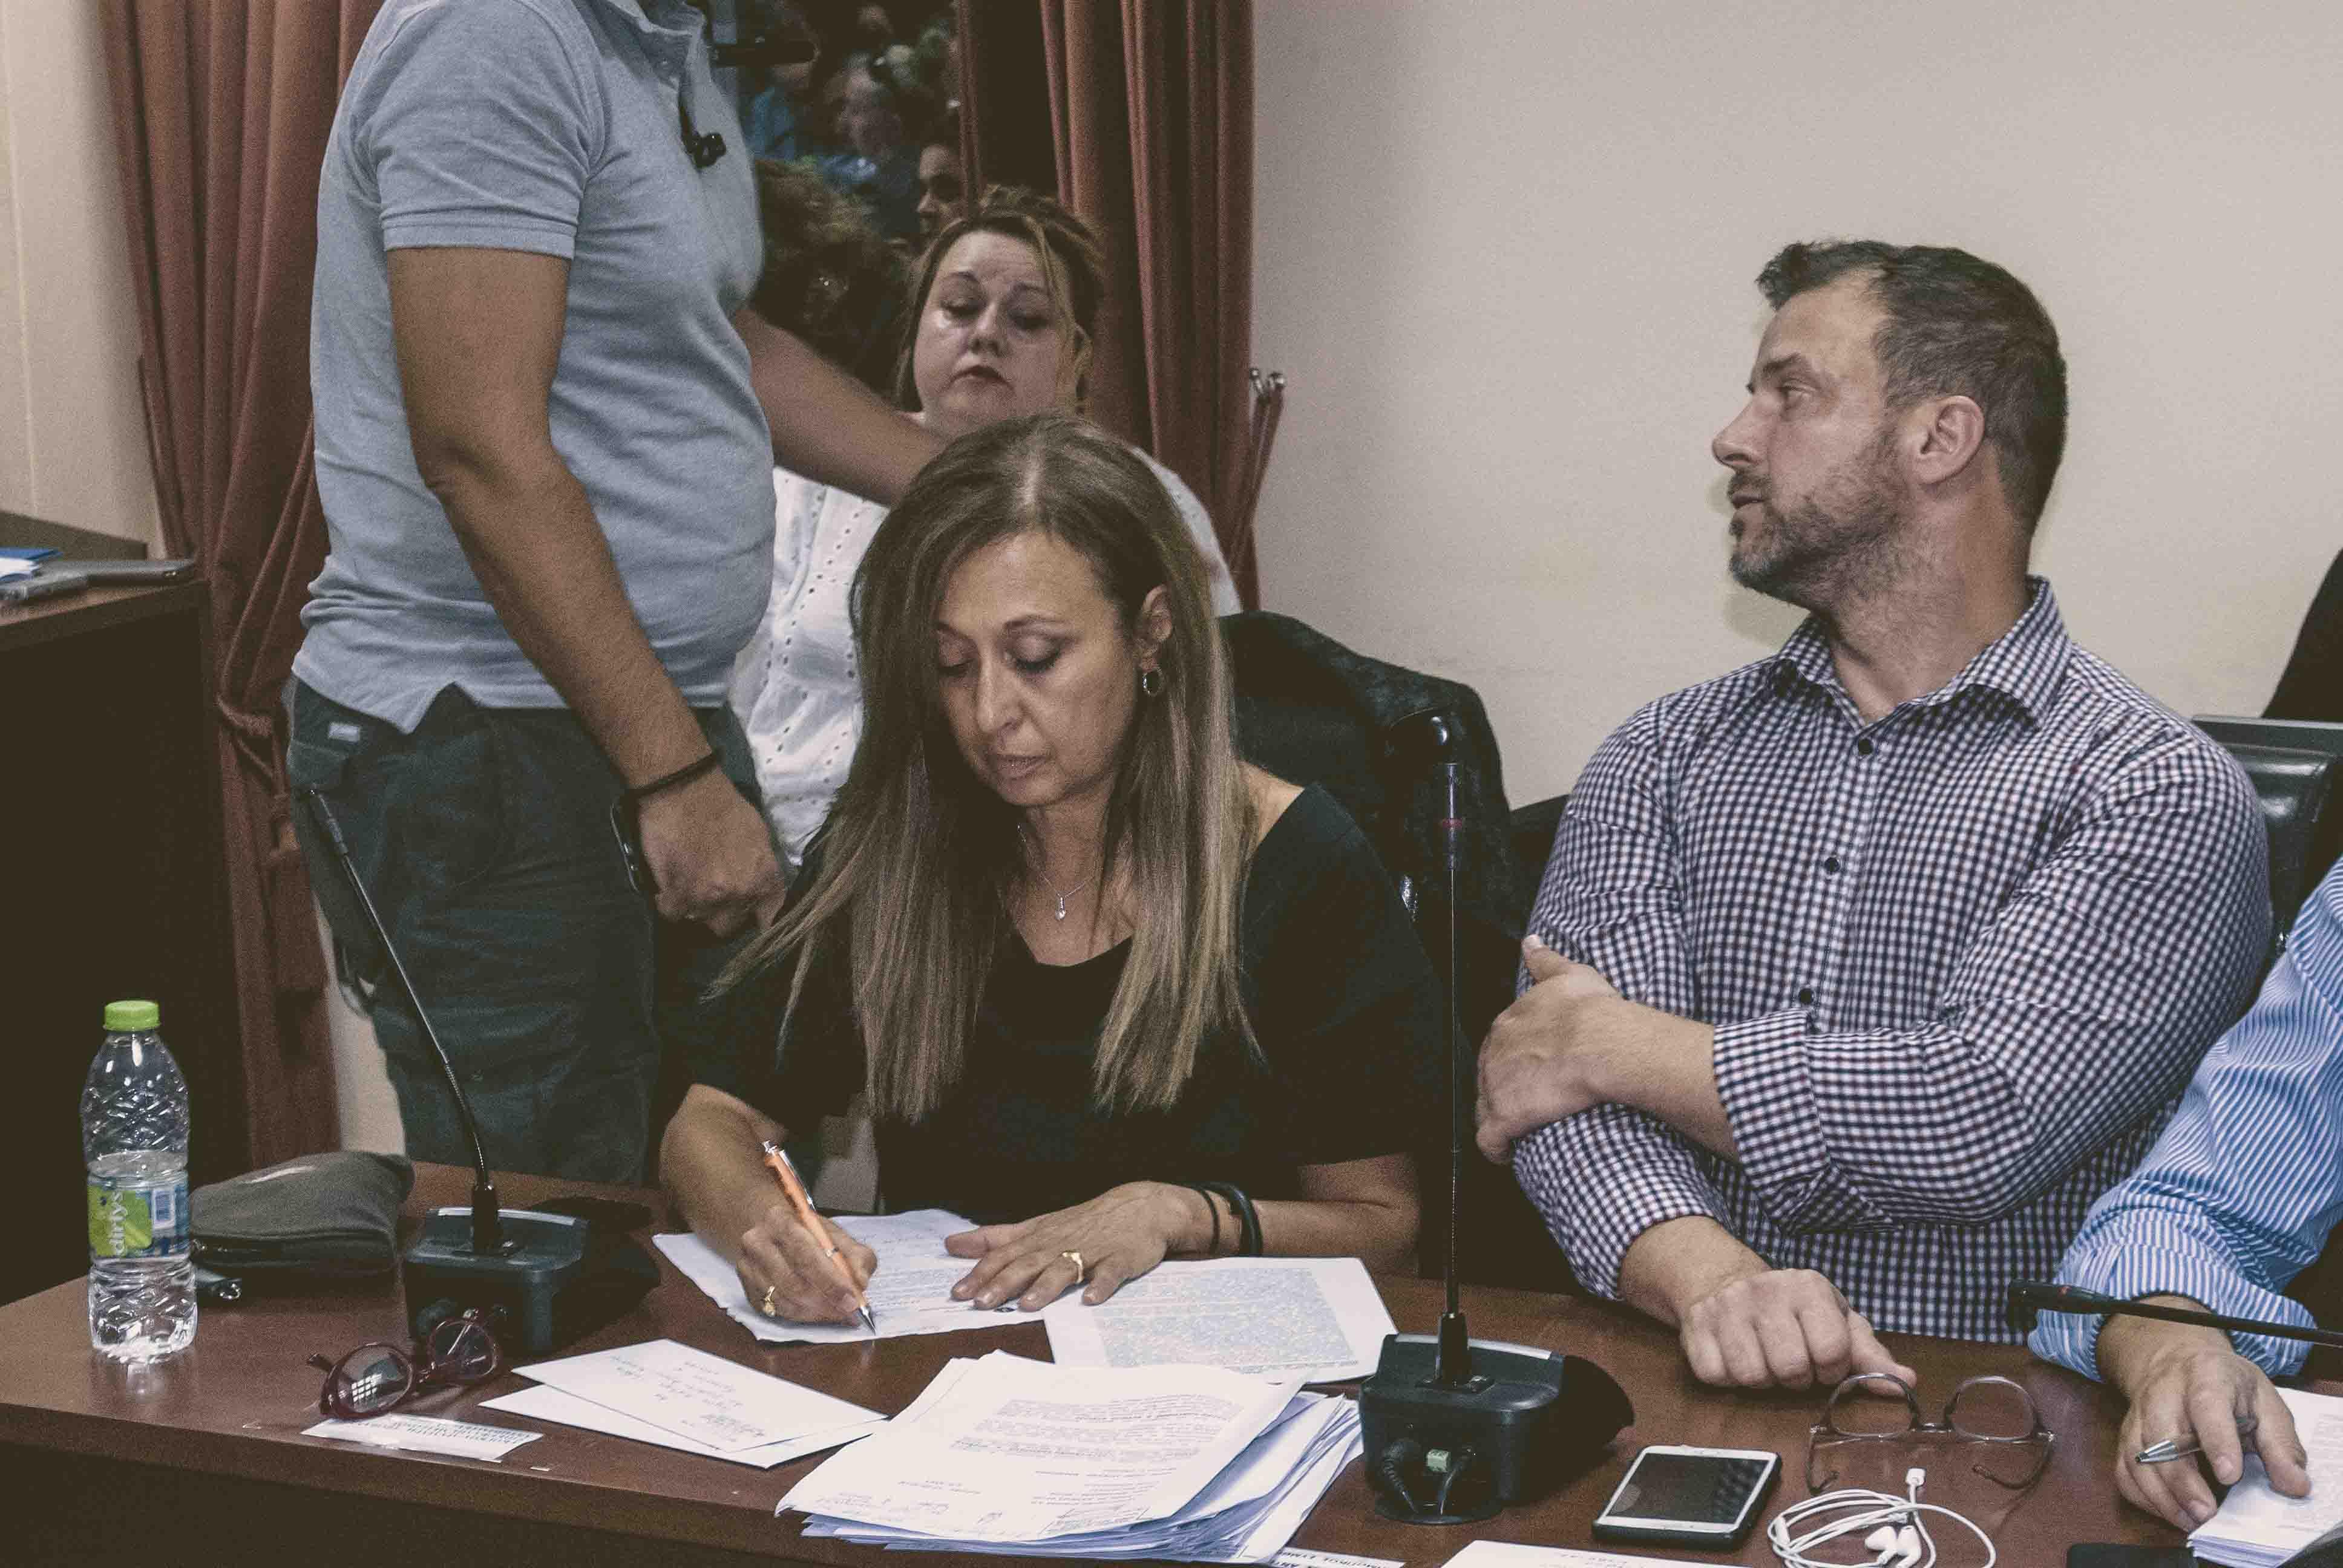 , Διόρθωση για δημοσίευμα δήλωσης κας Γκόγκου για ΔΗΚΑΔΙΜΕ, Eviathema.gr | Εύβοια Τοπ Νέα Ειδήσεις